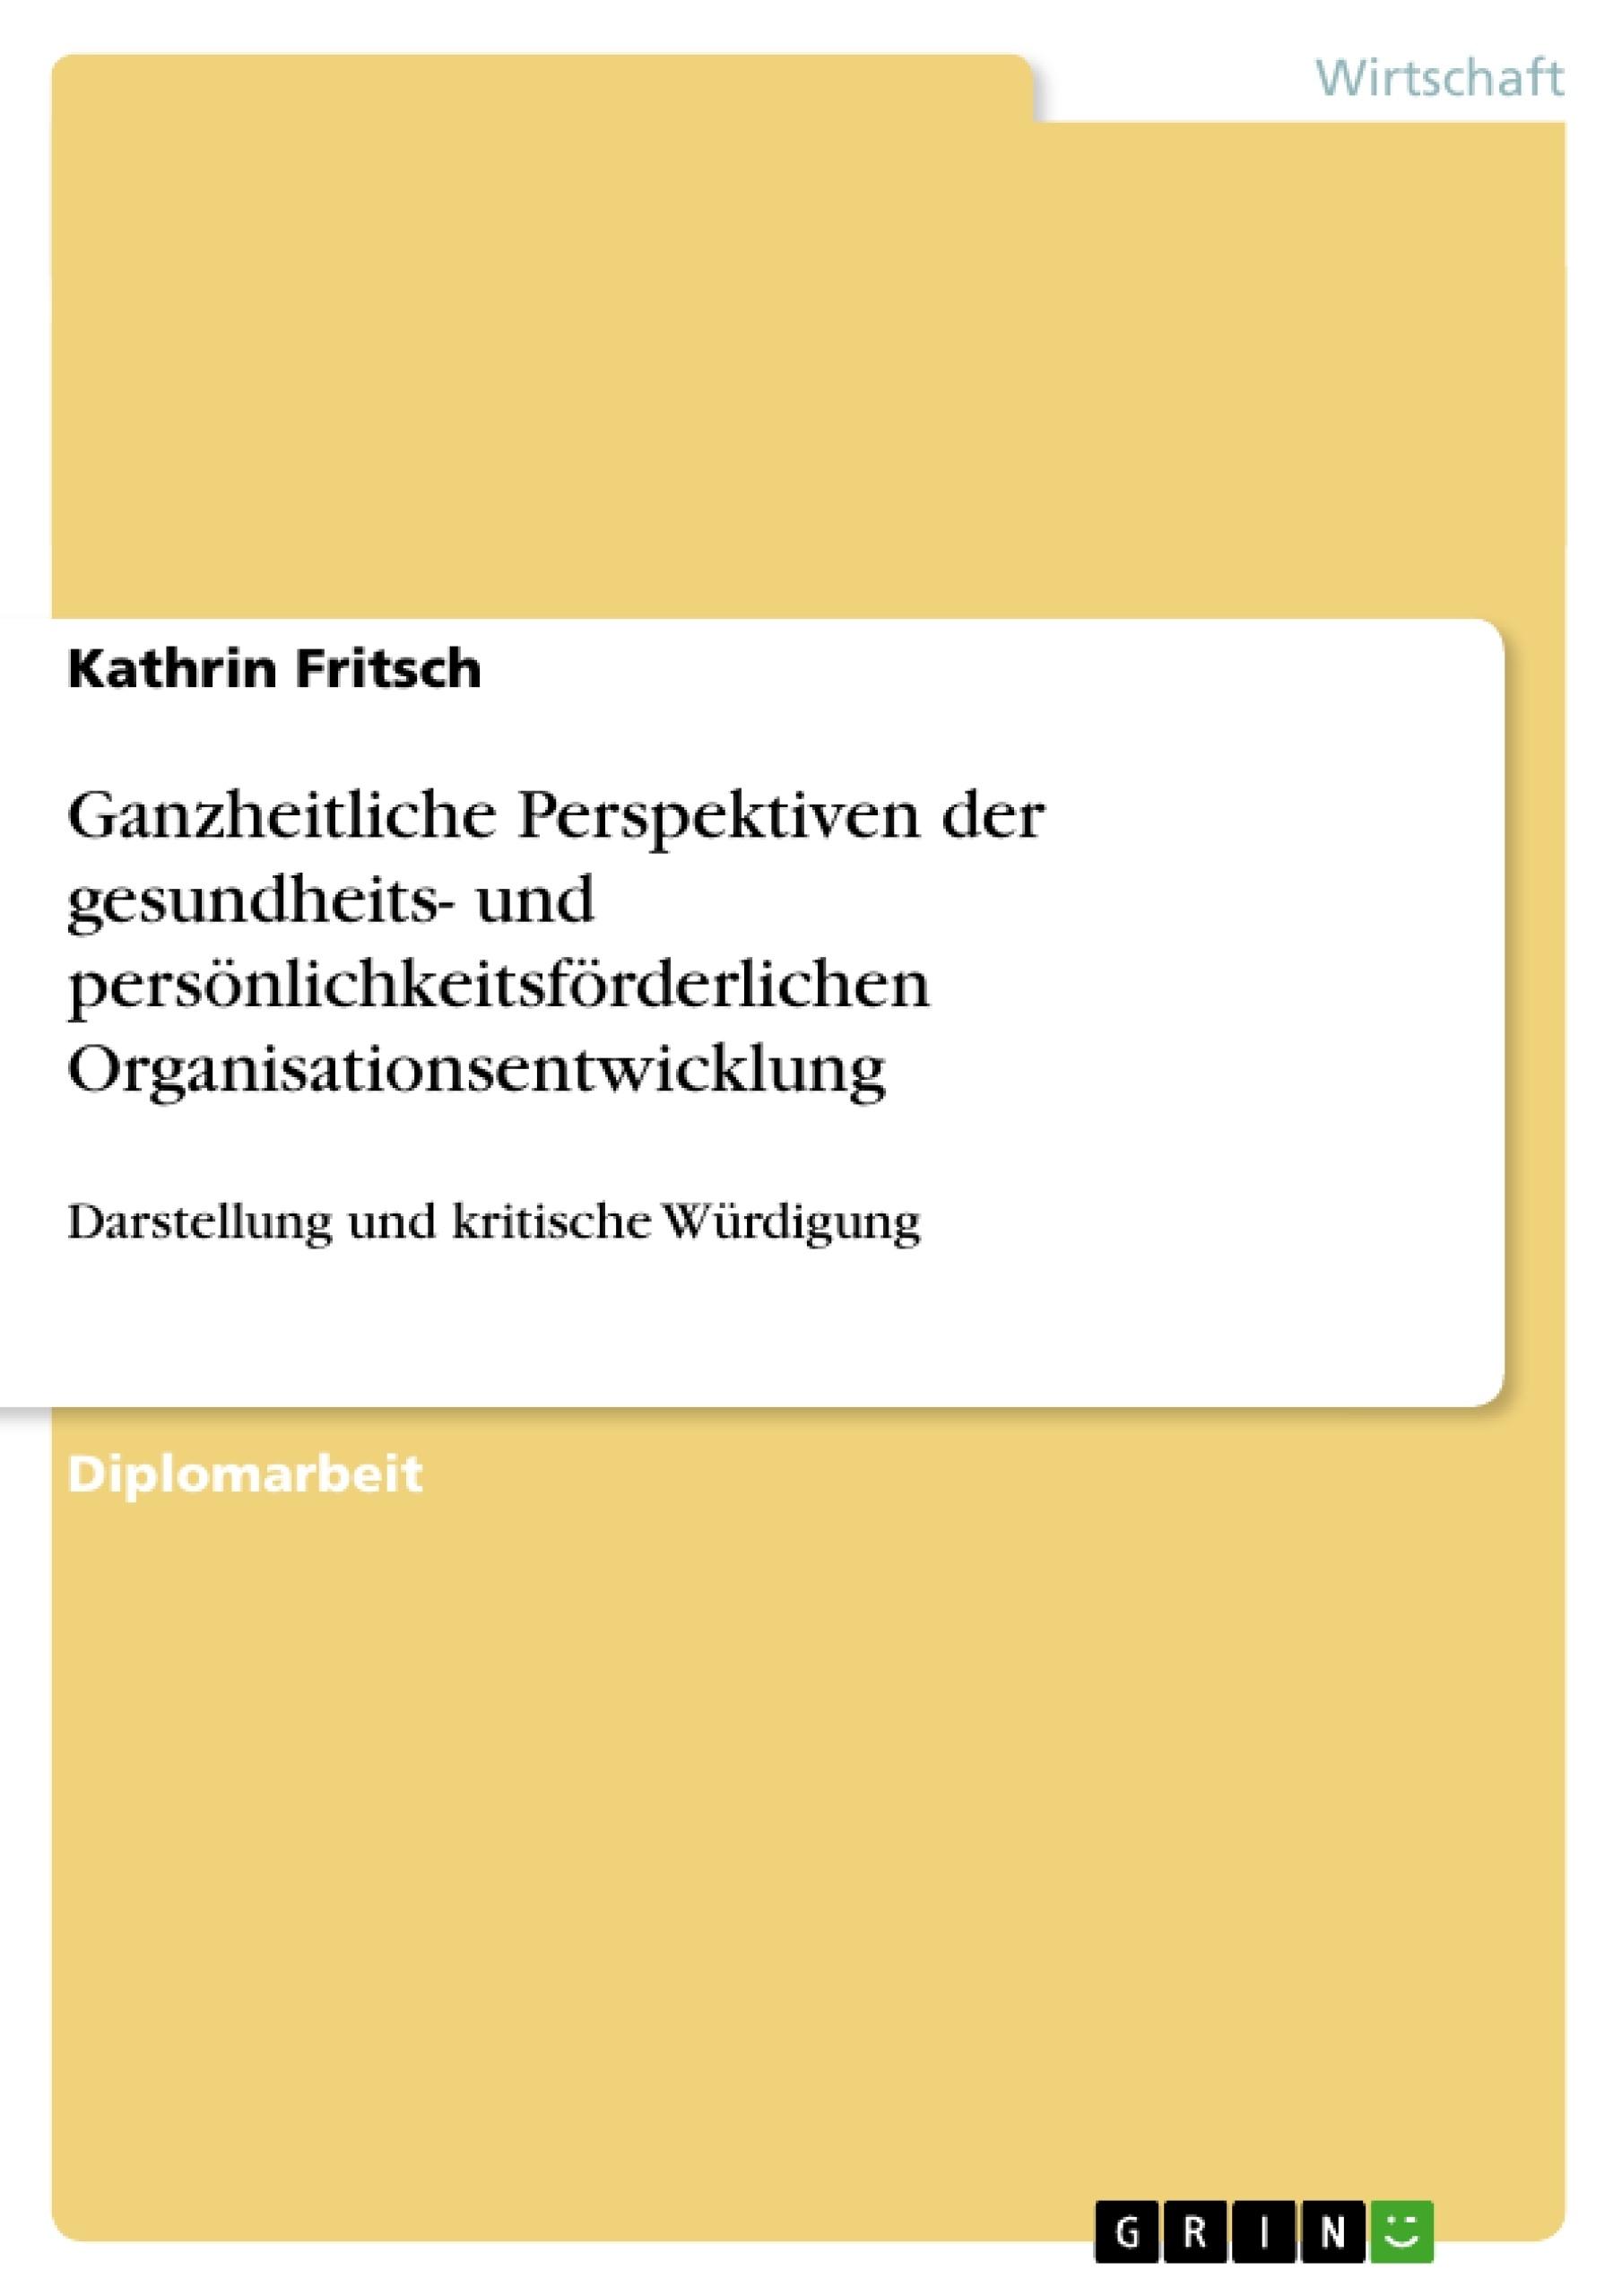 Titel: Ganzheitliche Perspektiven der gesundheits- und persönlichkeitsförderlichen Organisationsentwicklung